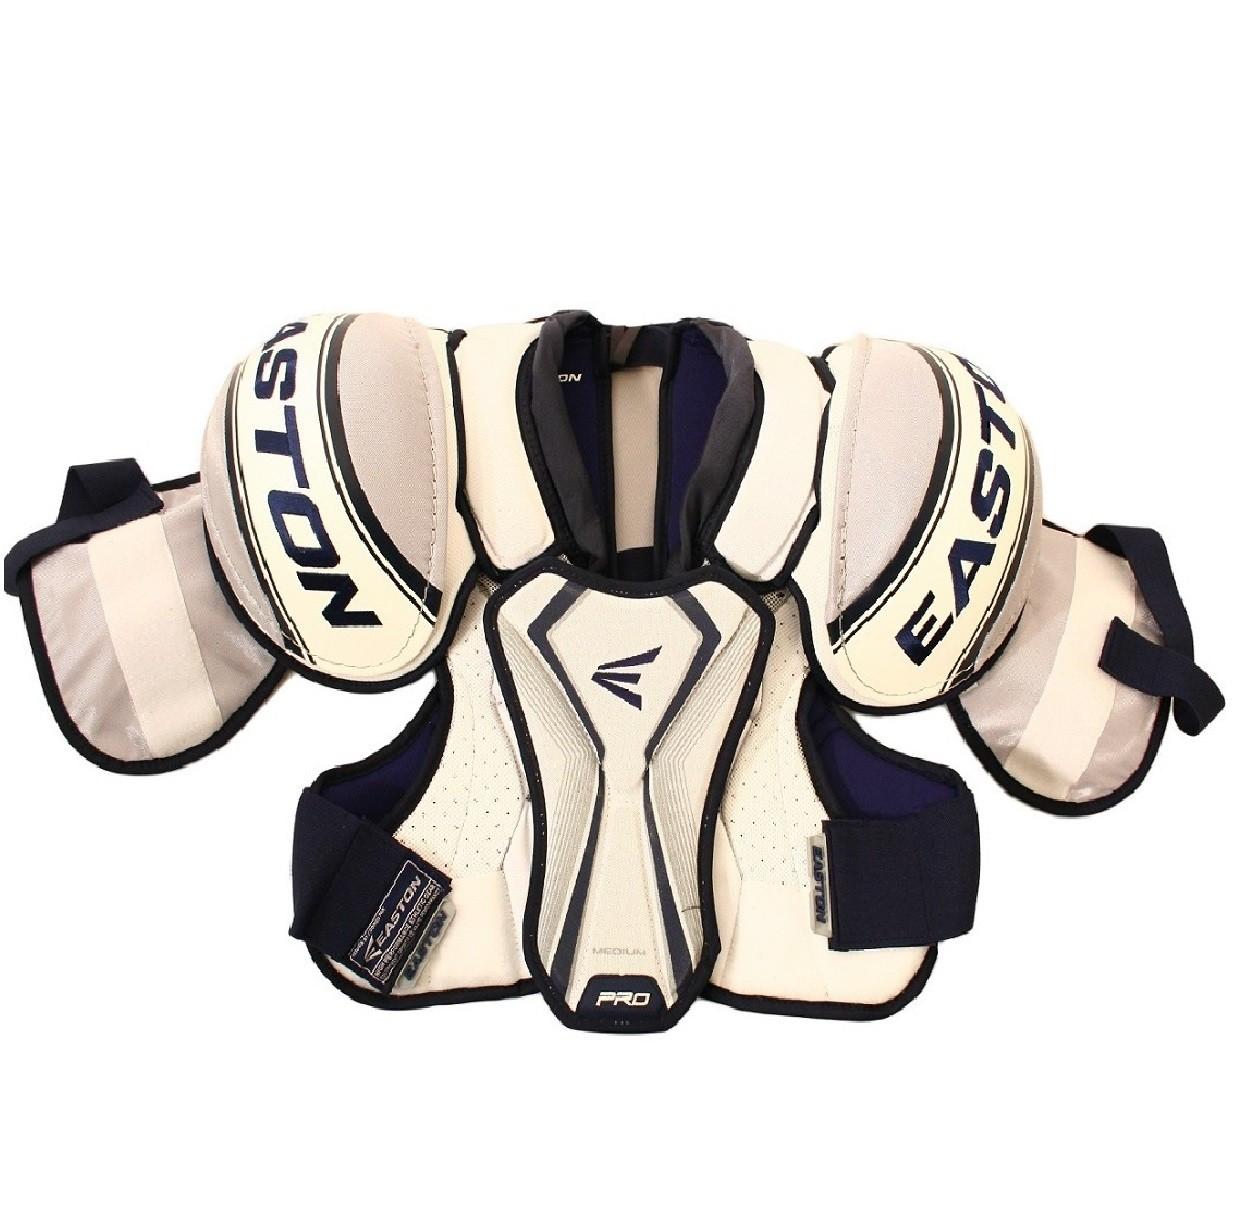 Easton Pro Senior Shoulder Pads